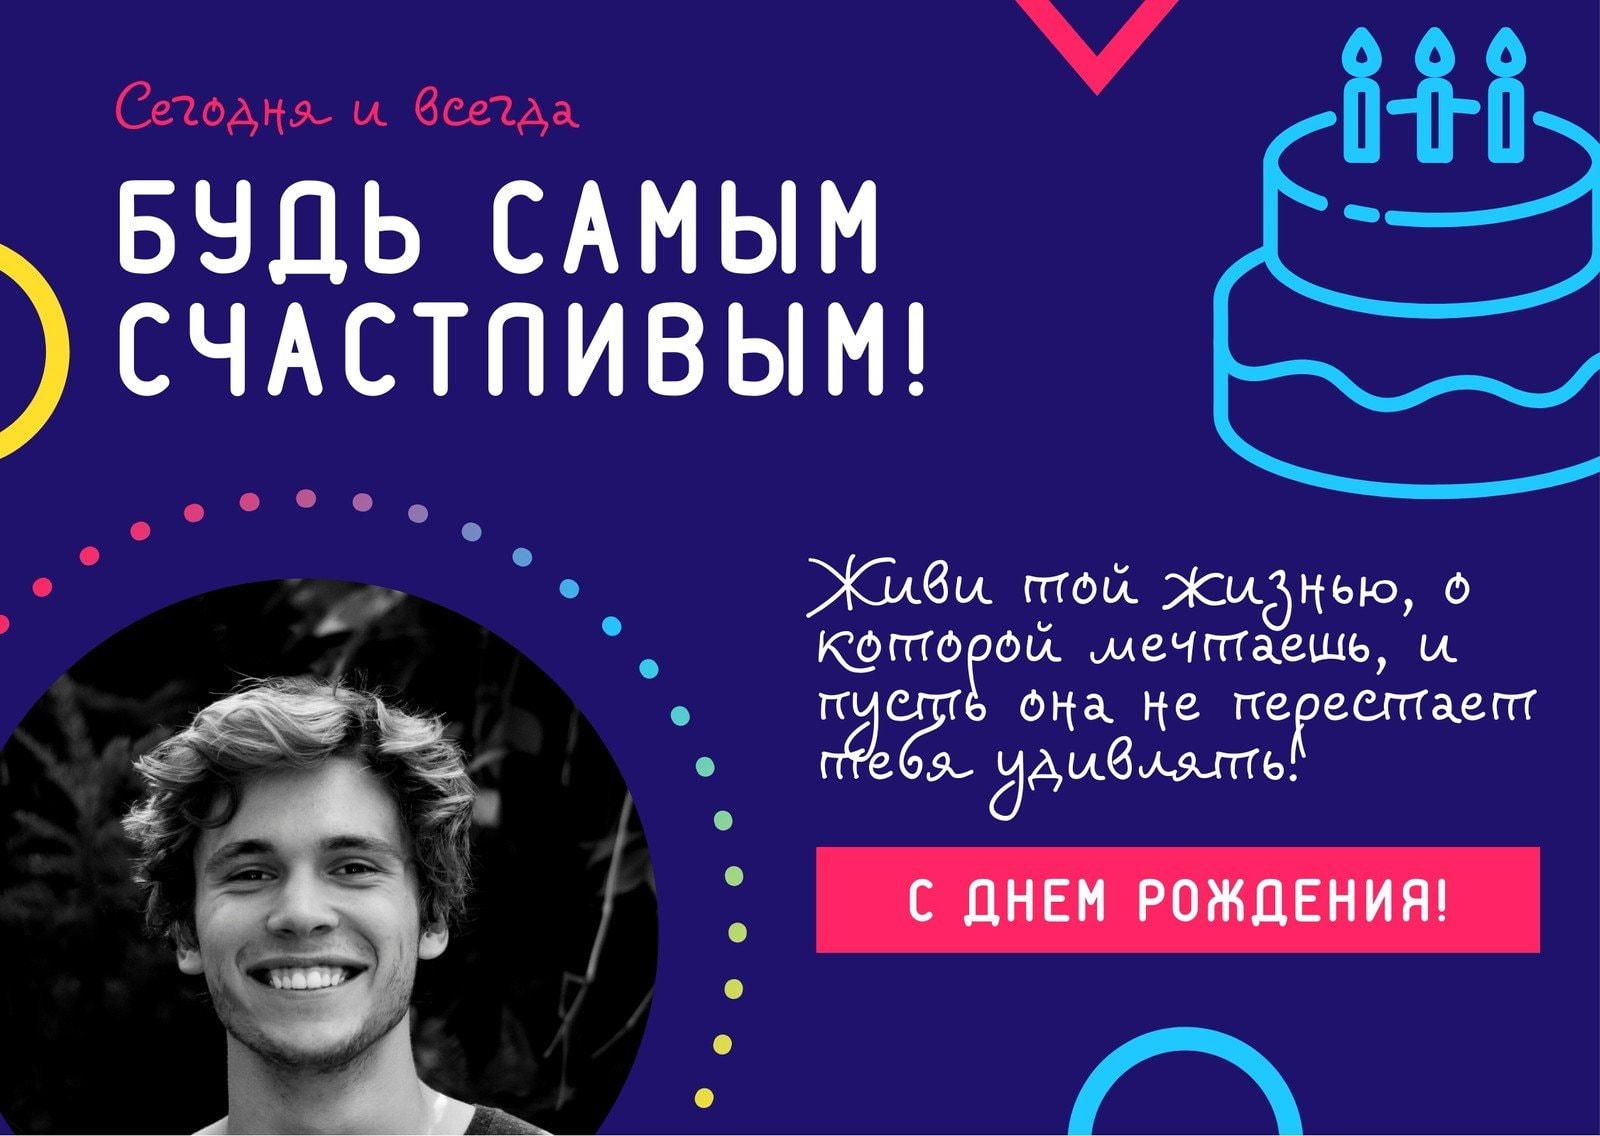 Синяя открытка на день рождения с фотографией парня и цветной графикой